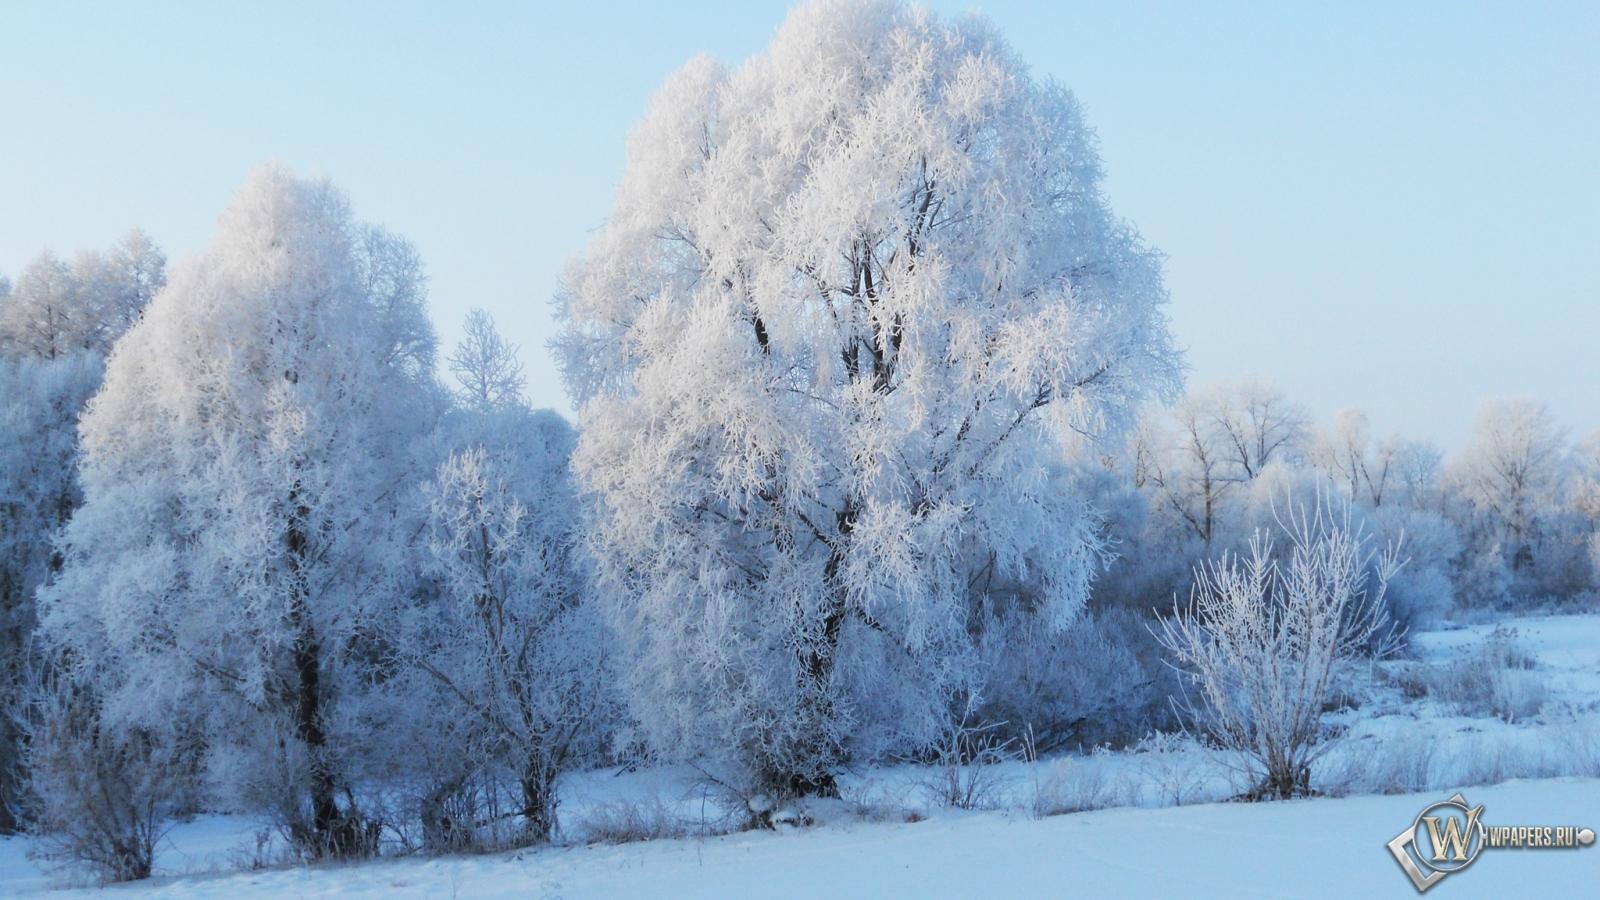 Зима природа утро 1600x900 картинки